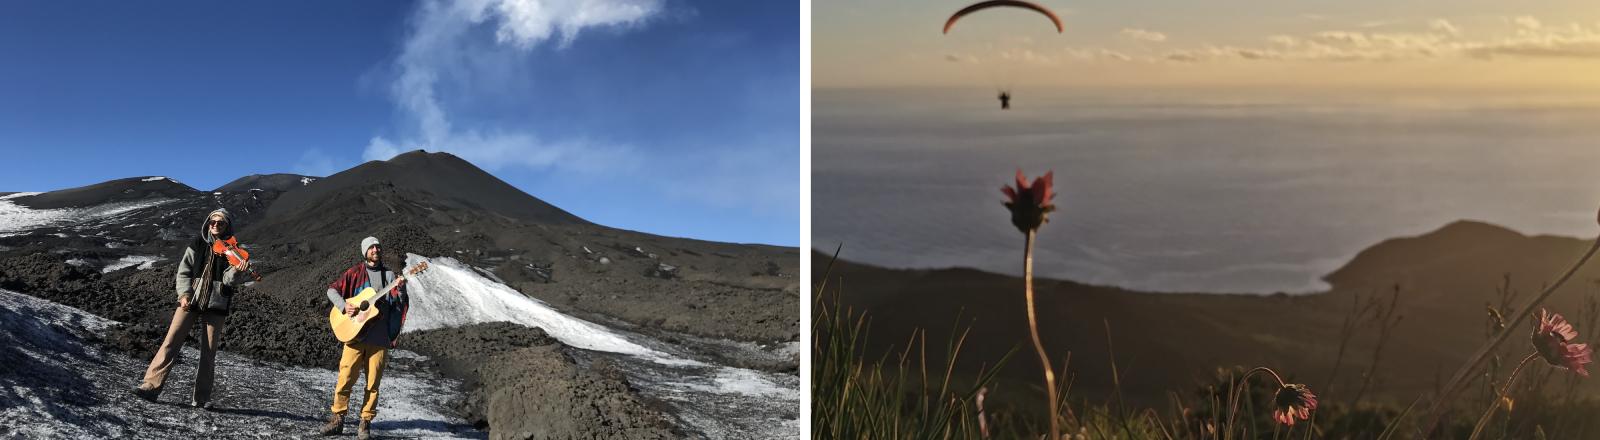 Musik auf dem Vulkan: Anka Slavik und René Huber unterhalb des Ätnagipfels und ein vorbeifliegender Paraglider